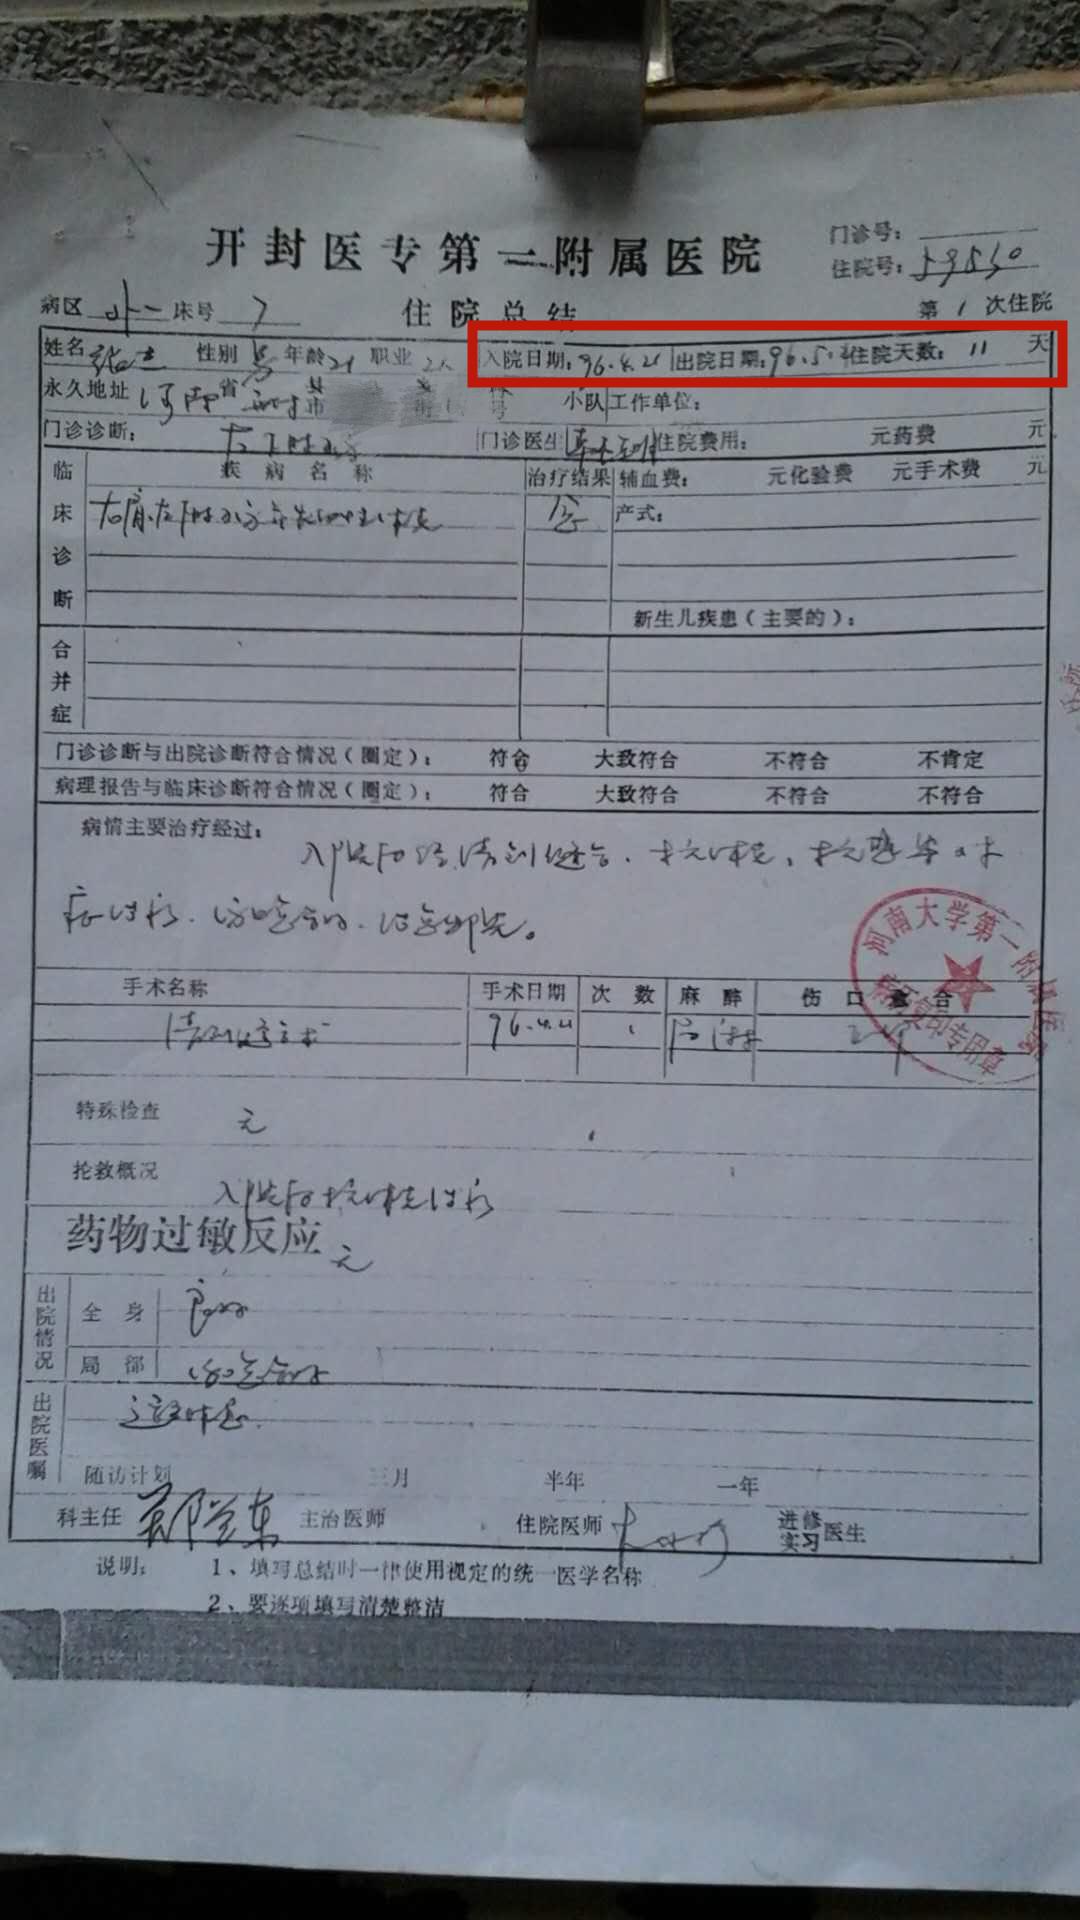 张杰当年的住院病历